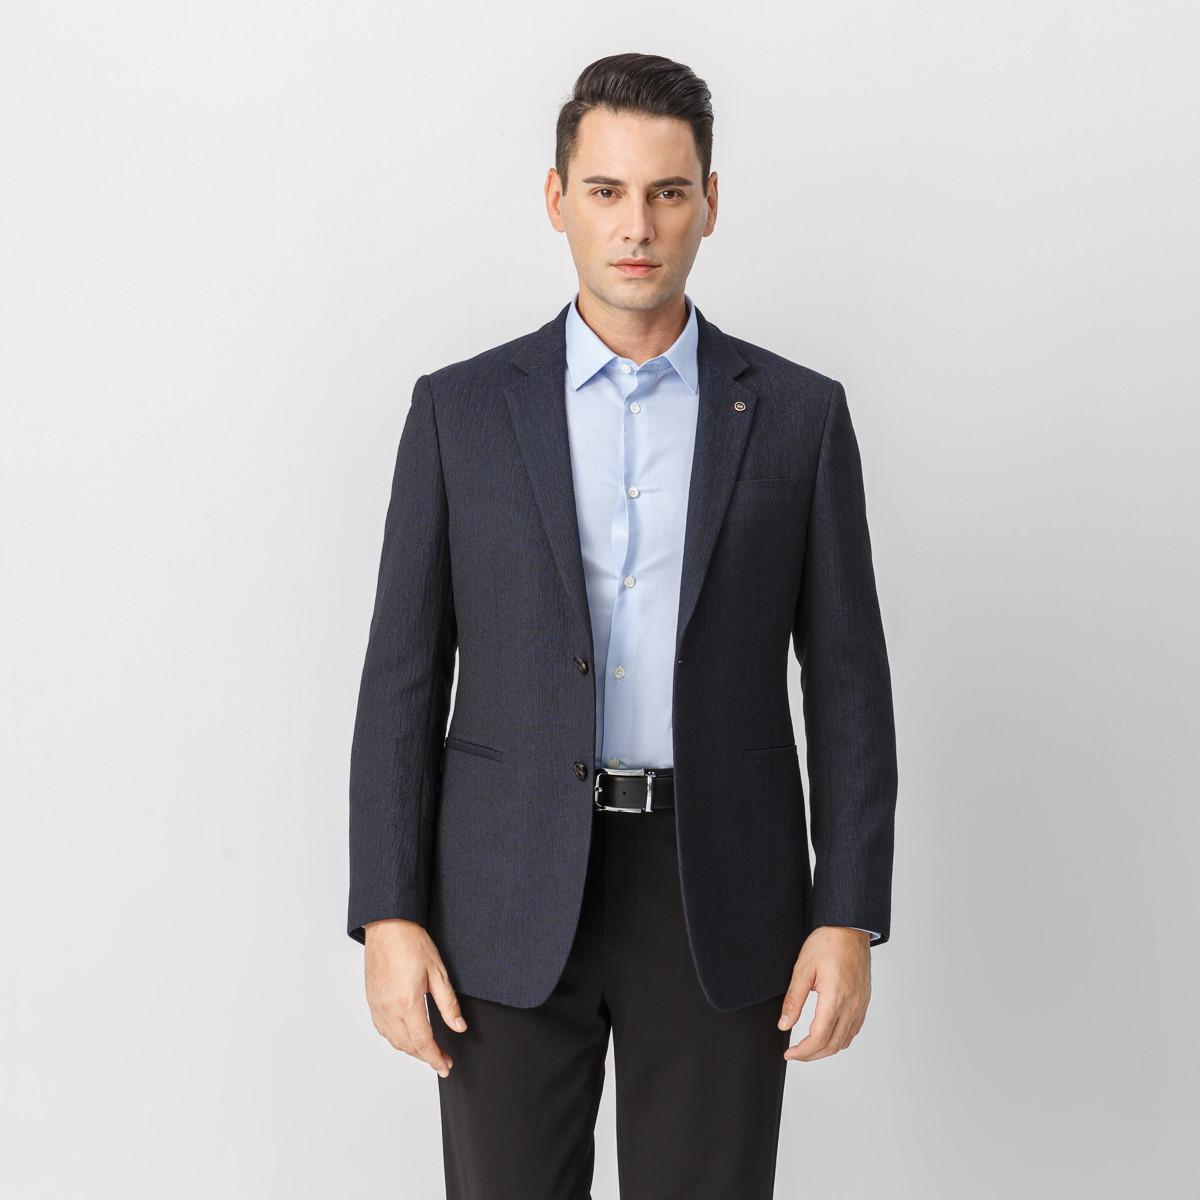 鄂尔多斯 MEN'S 秋冬新品商务休闲男士西装外套便西